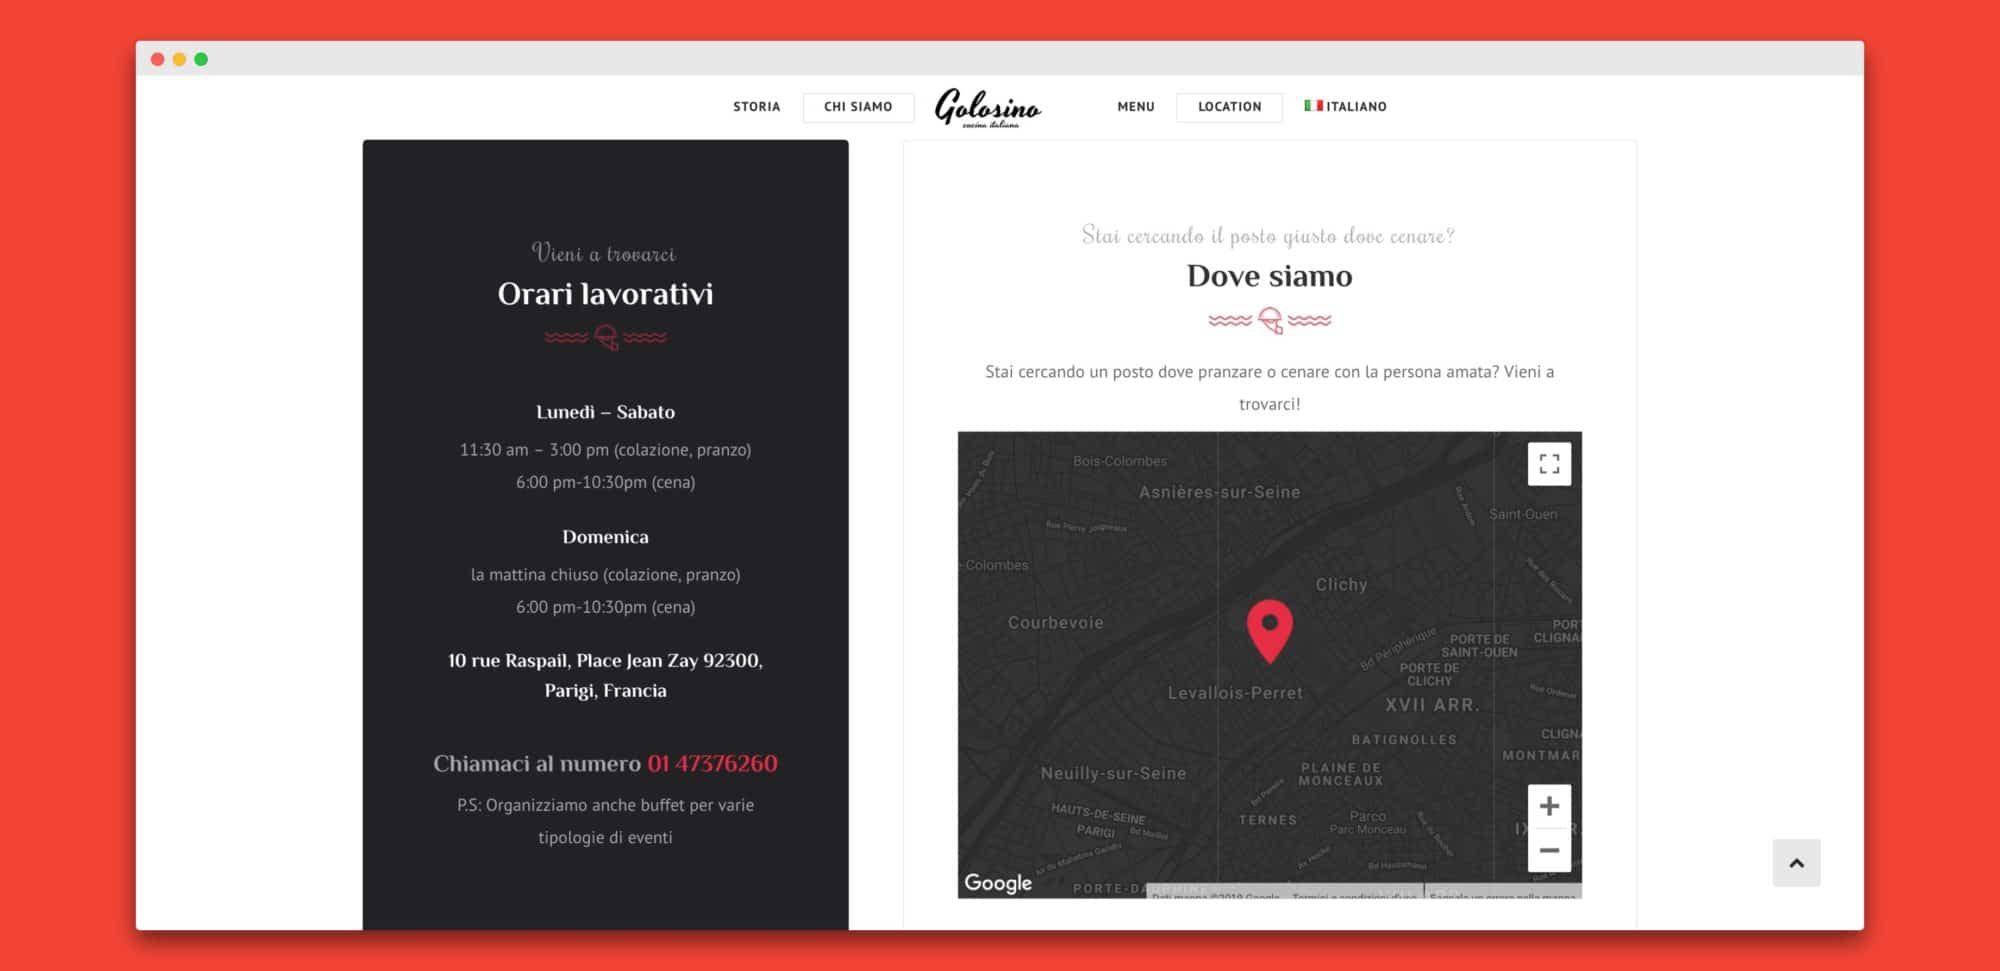 teroro agency golosino realizzazione sito internet 4 - Golosino - Pizzeria Ristorante italiano a Parigi